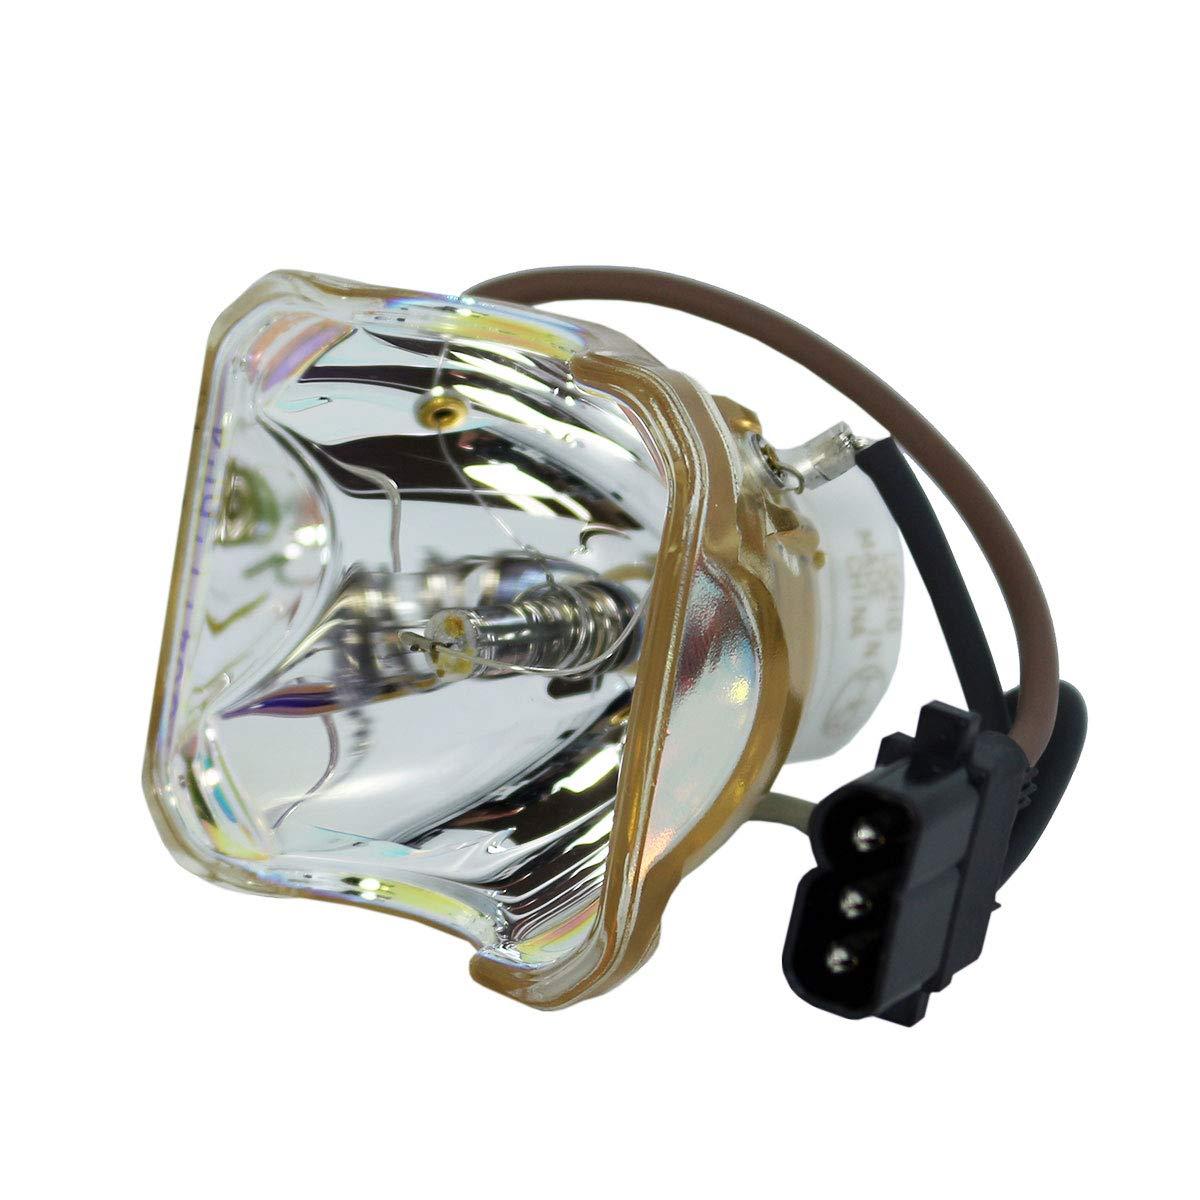 オリジナル Ushio プロジェクター交換用ランプ BenQ 5J.J2K02.001用 Platinum (Brighter/Durable) B07KTKGY4S Lamp Only Platinum (Brighter/Durable)